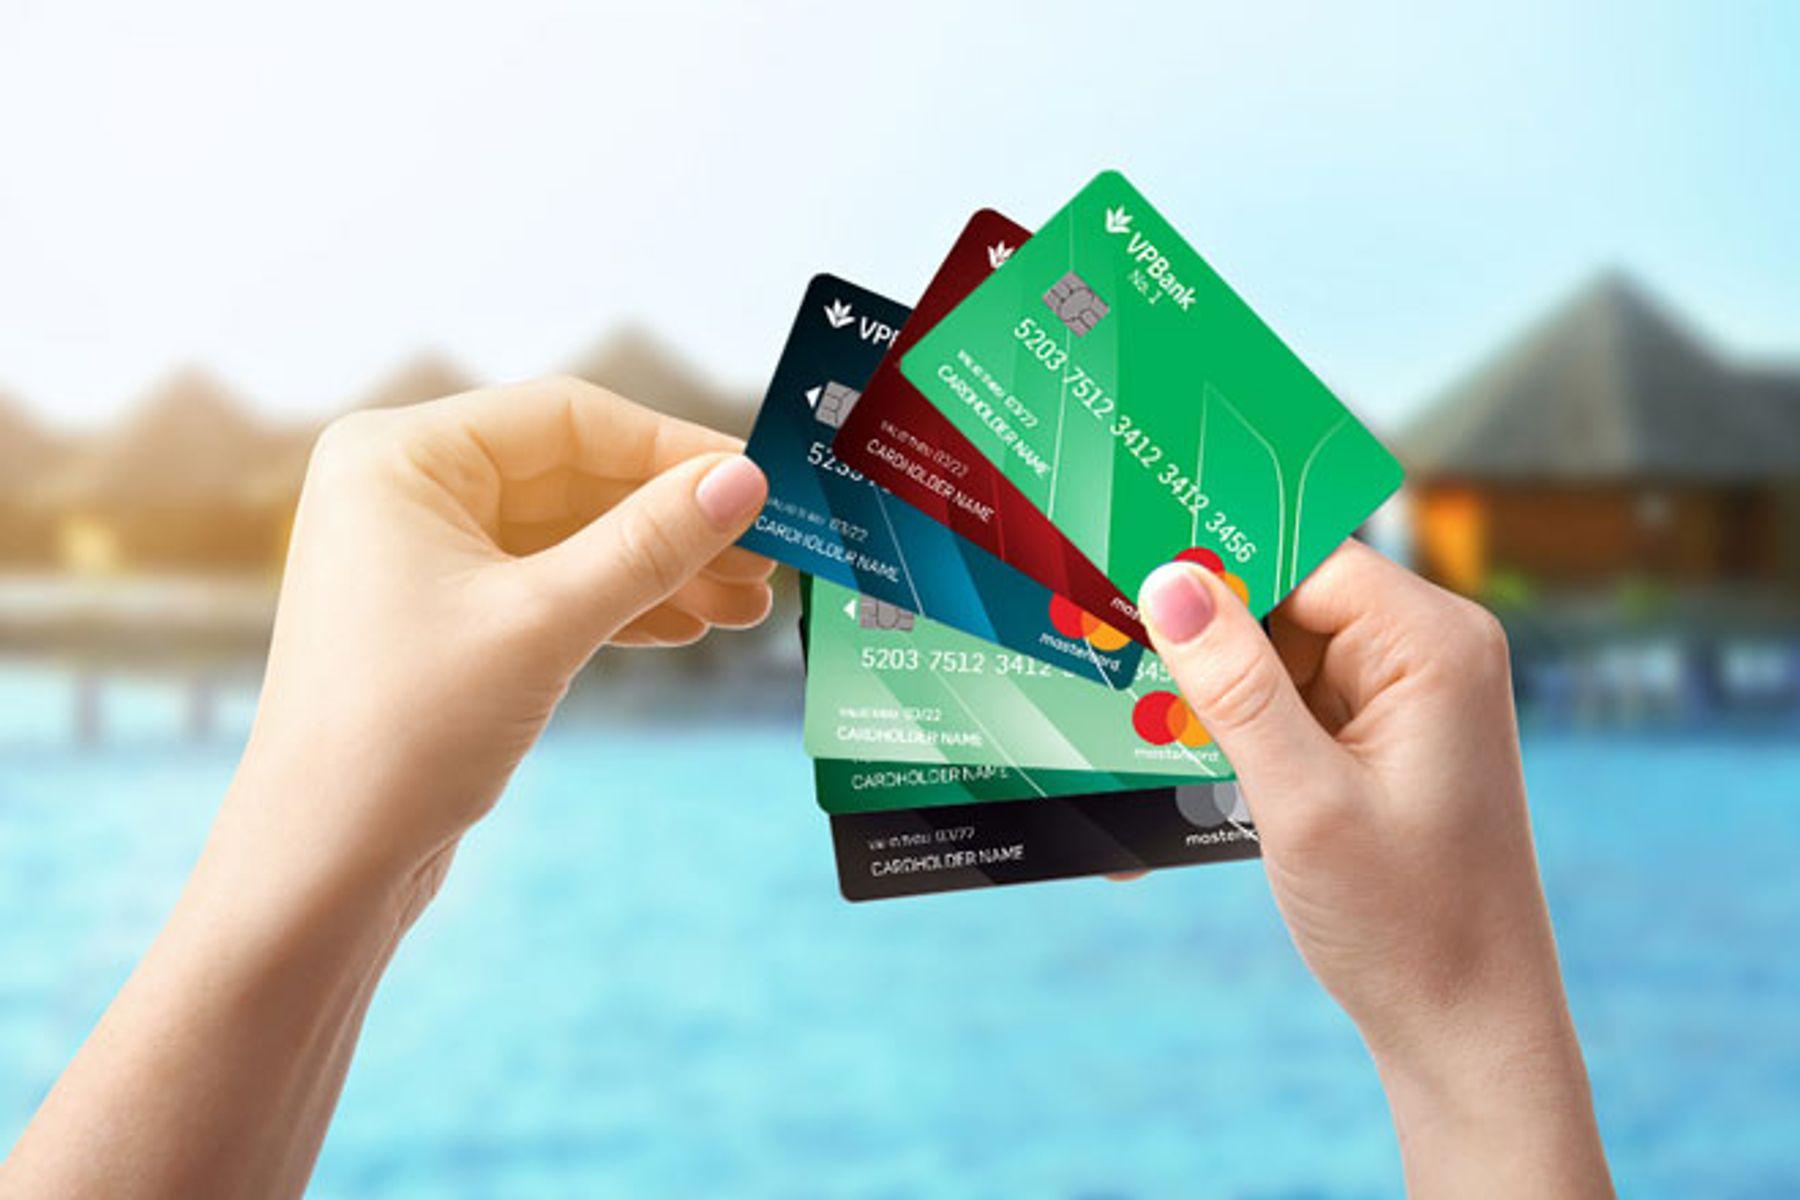 Cách tiết kiệm từ tiền lẻ - hạn chế thanh toán bằng thẻ tín dụng